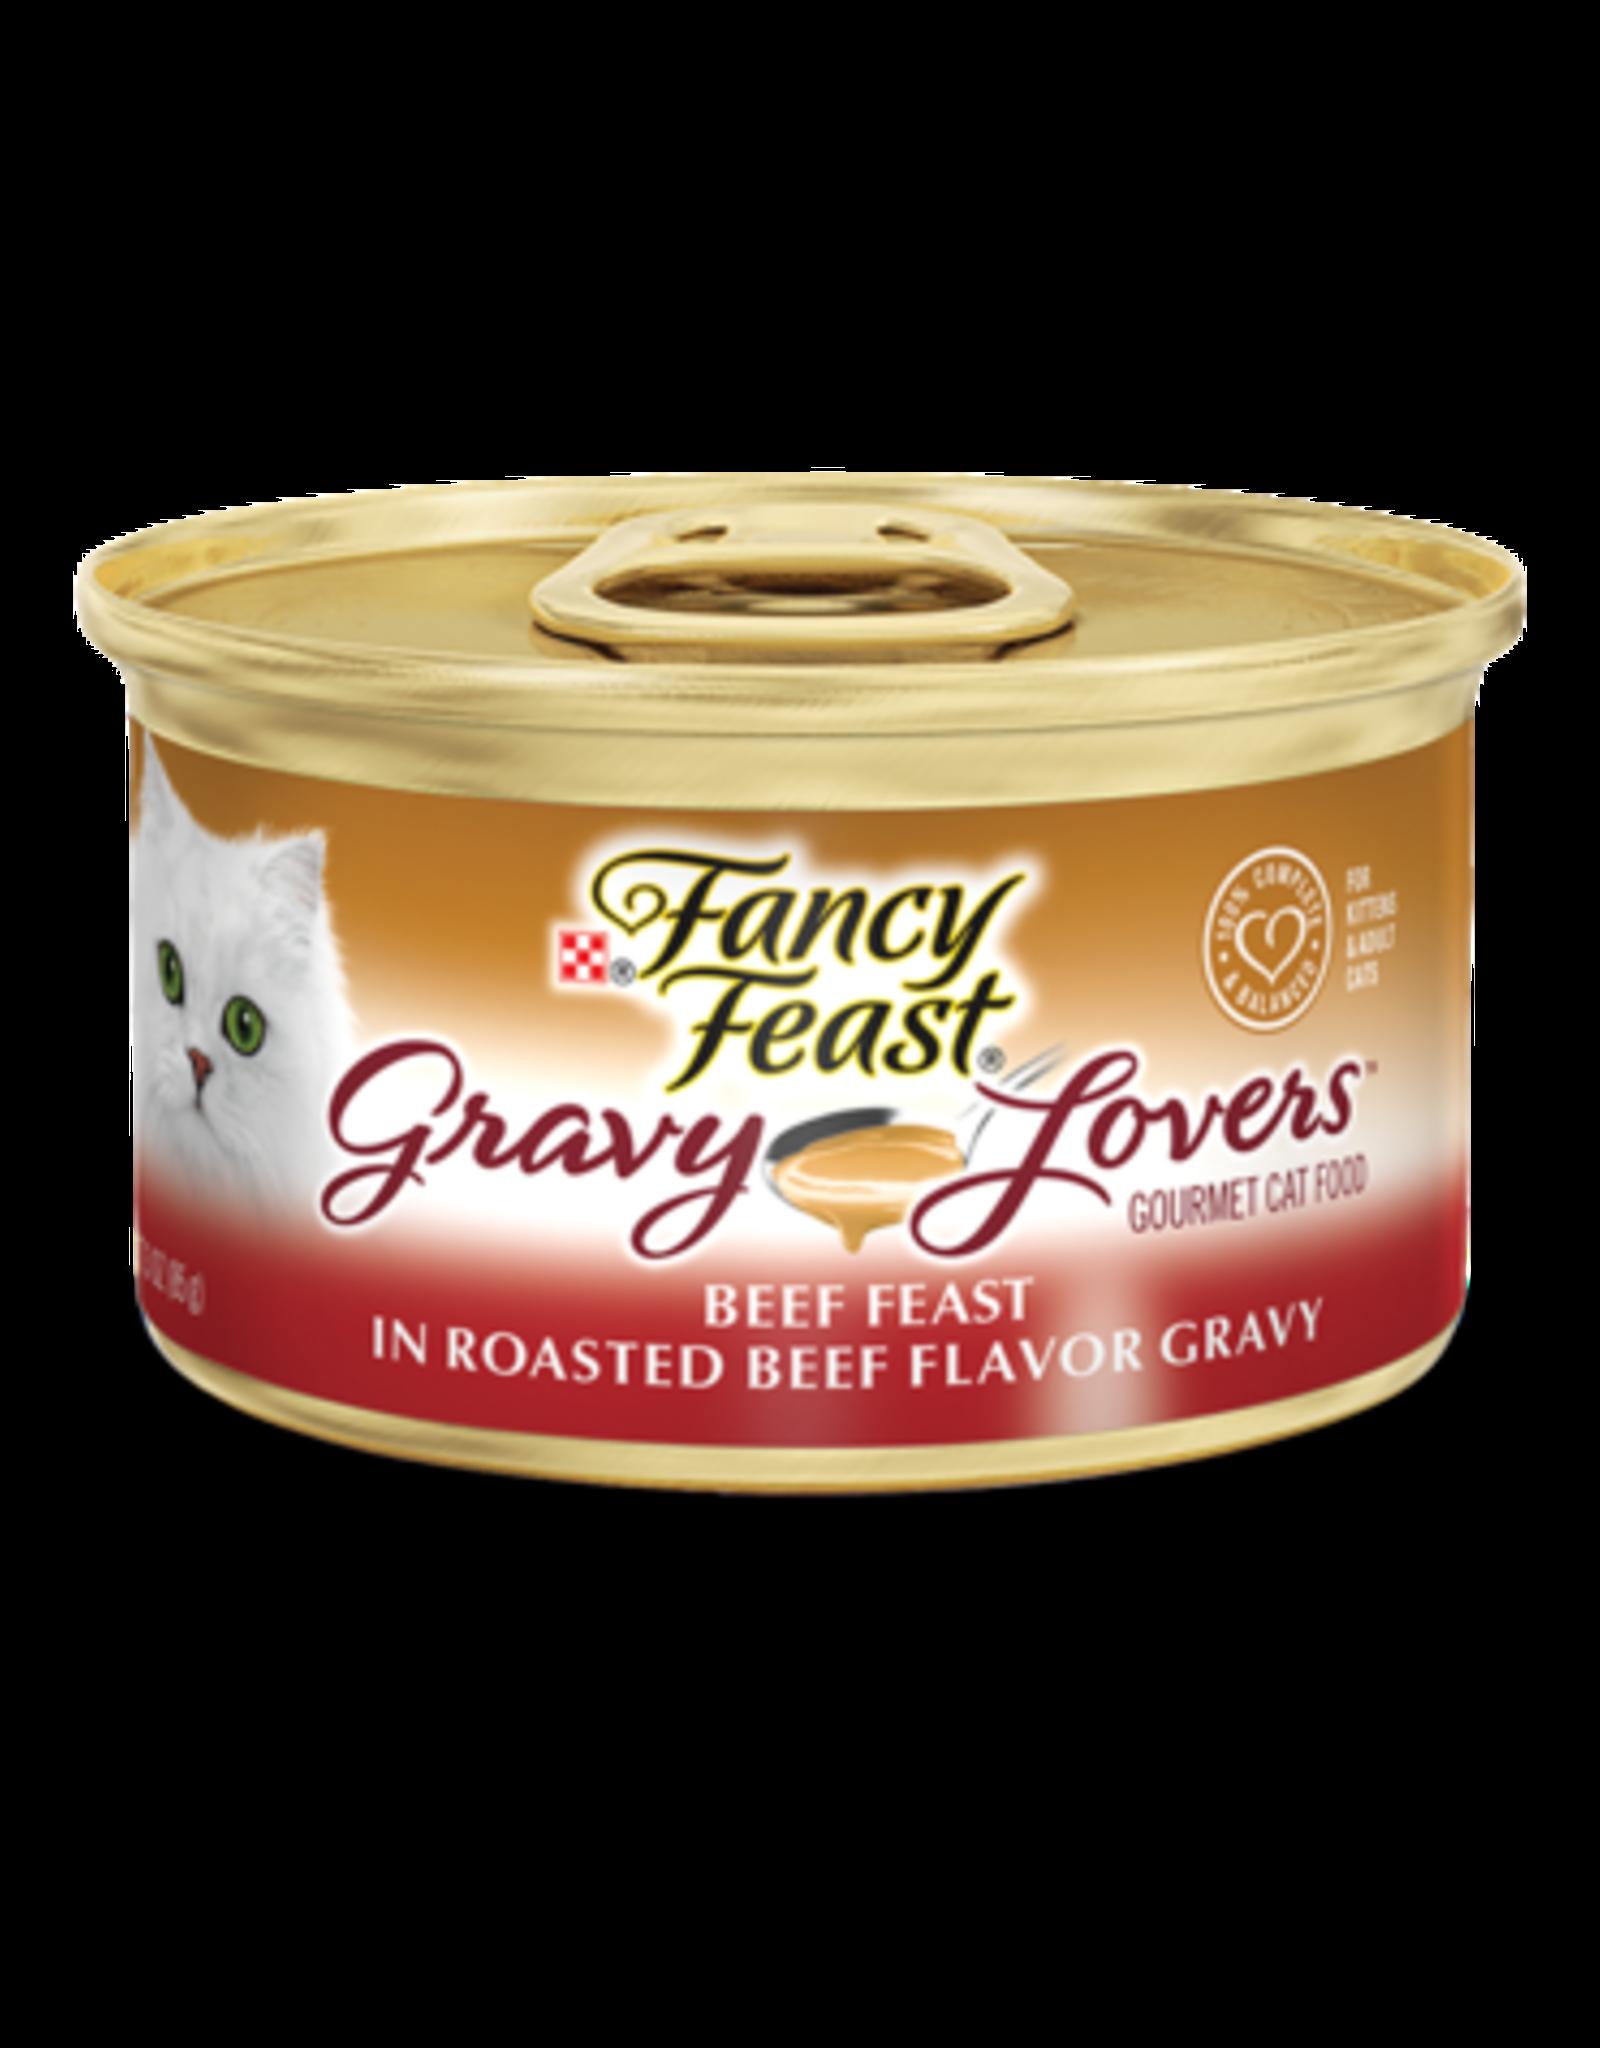 FANCY FEAST GRAVY LOVERS BEEF 3OZ CASE OF 24